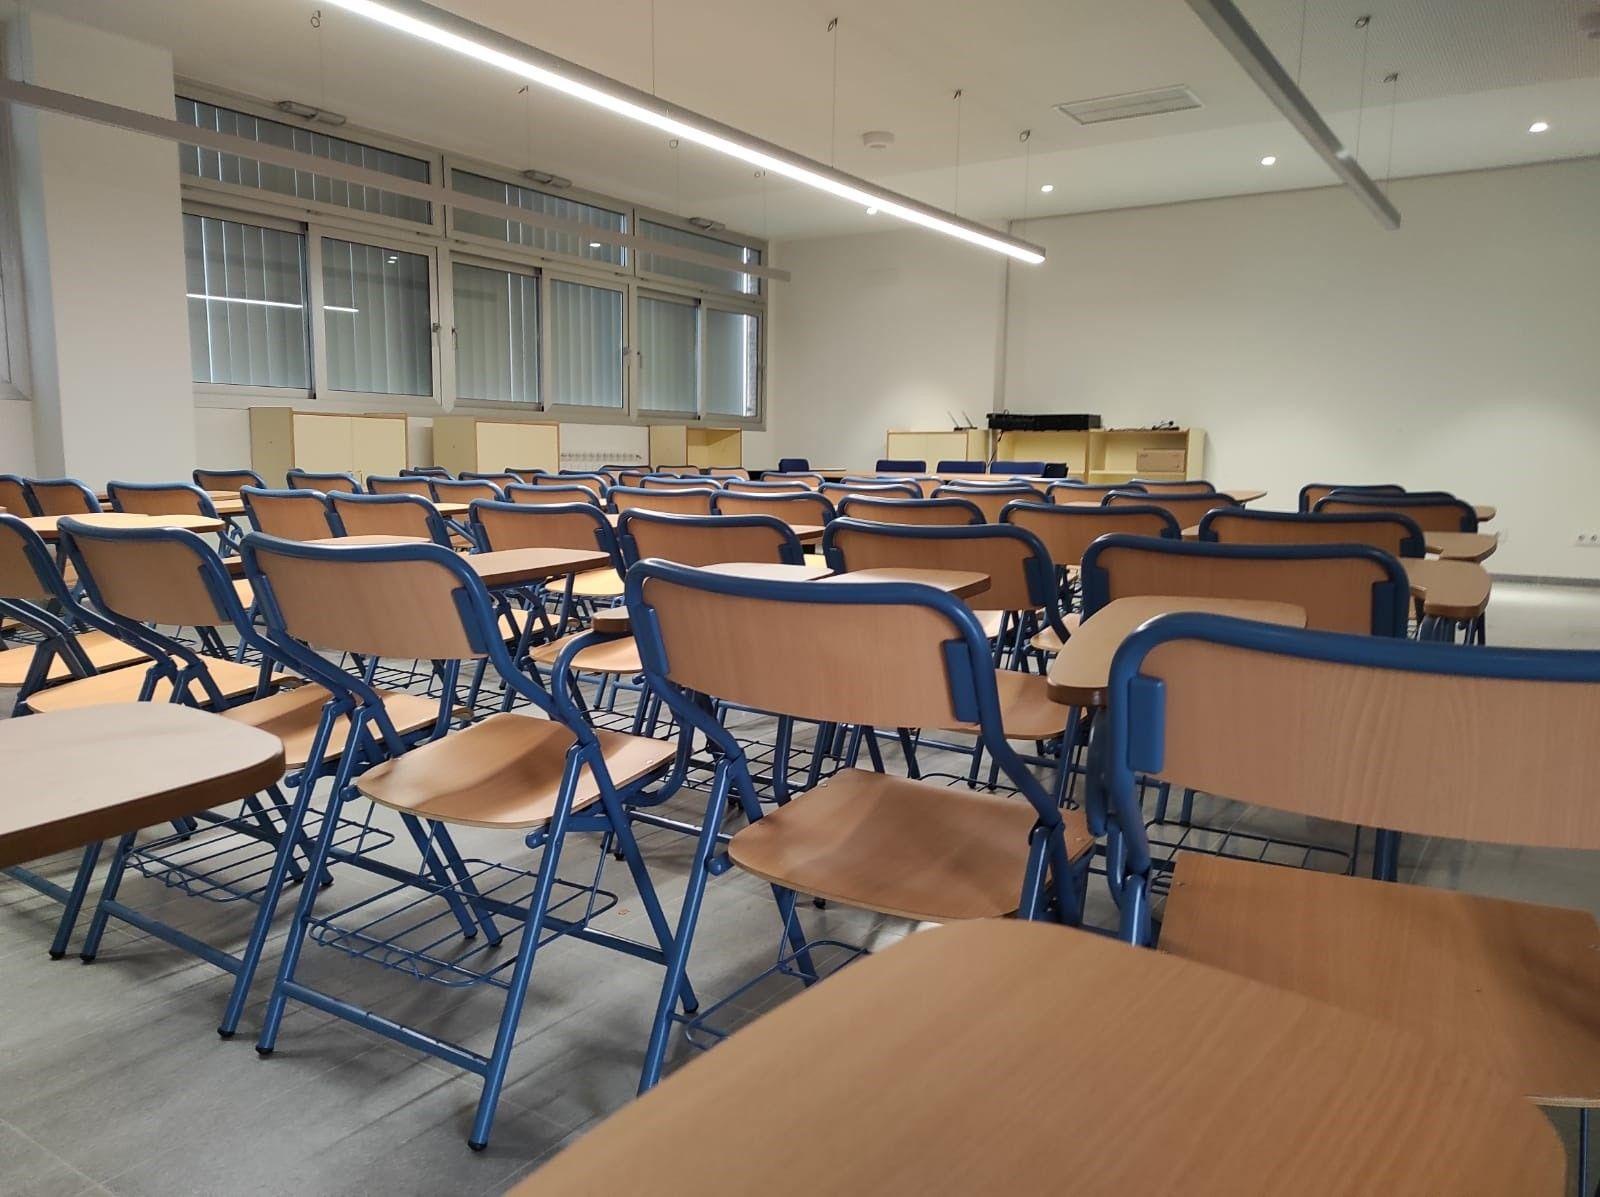 Los alumnos de Infantil y Primaria de la Región de Murcia volverán a la presencialidad total en las próximas semanas